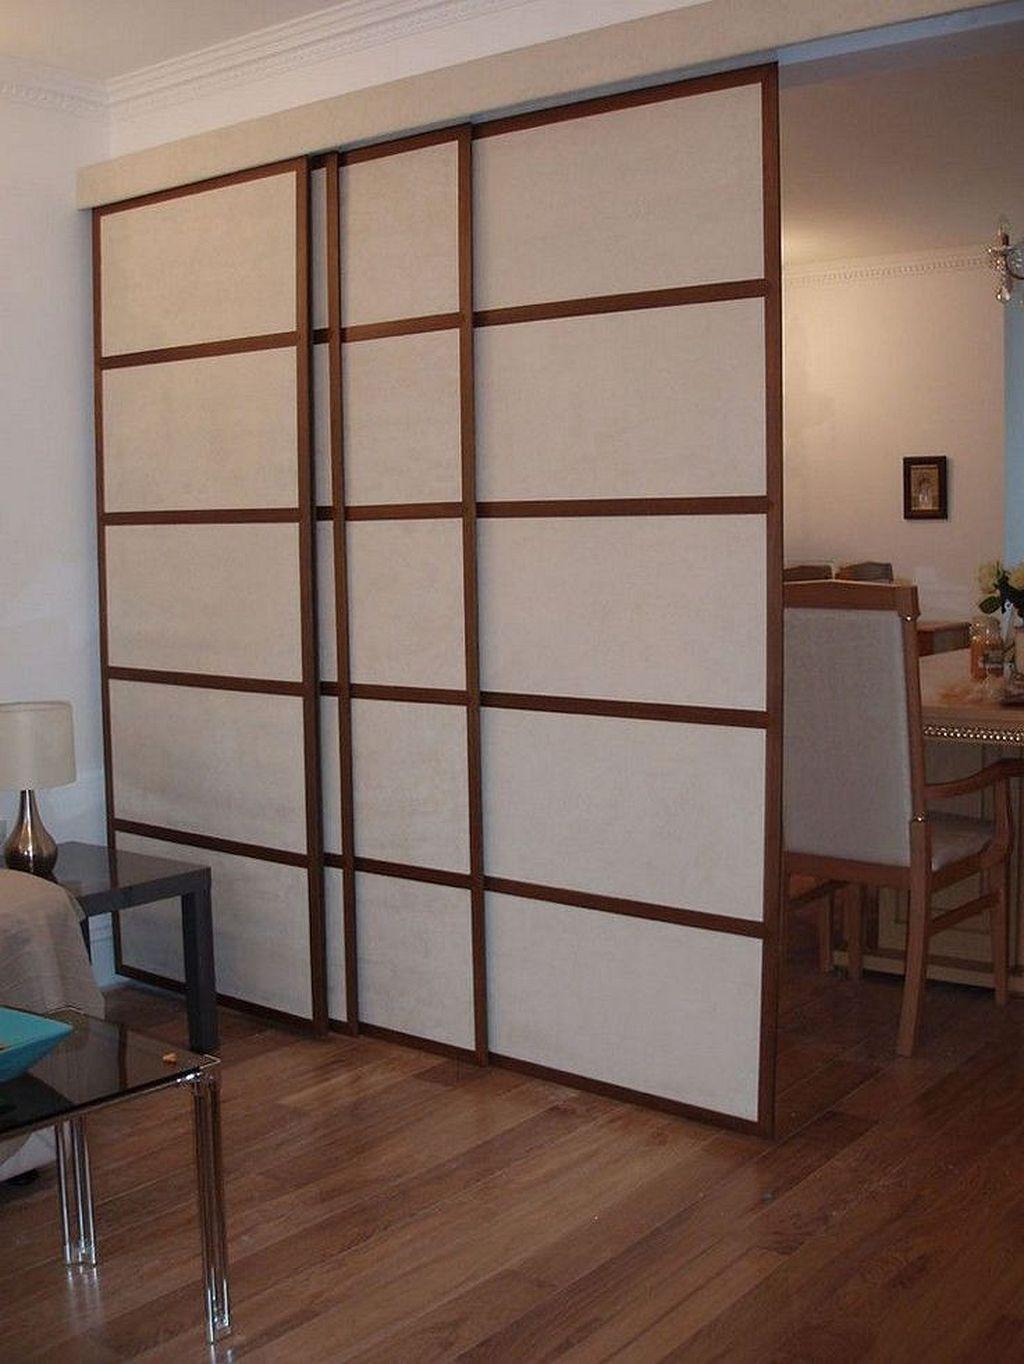 Pin By Olga Ramsey On Basement Floor Waterproof Cheap Room Dividers Sliding Door Room Dividers Japanese Room Divider